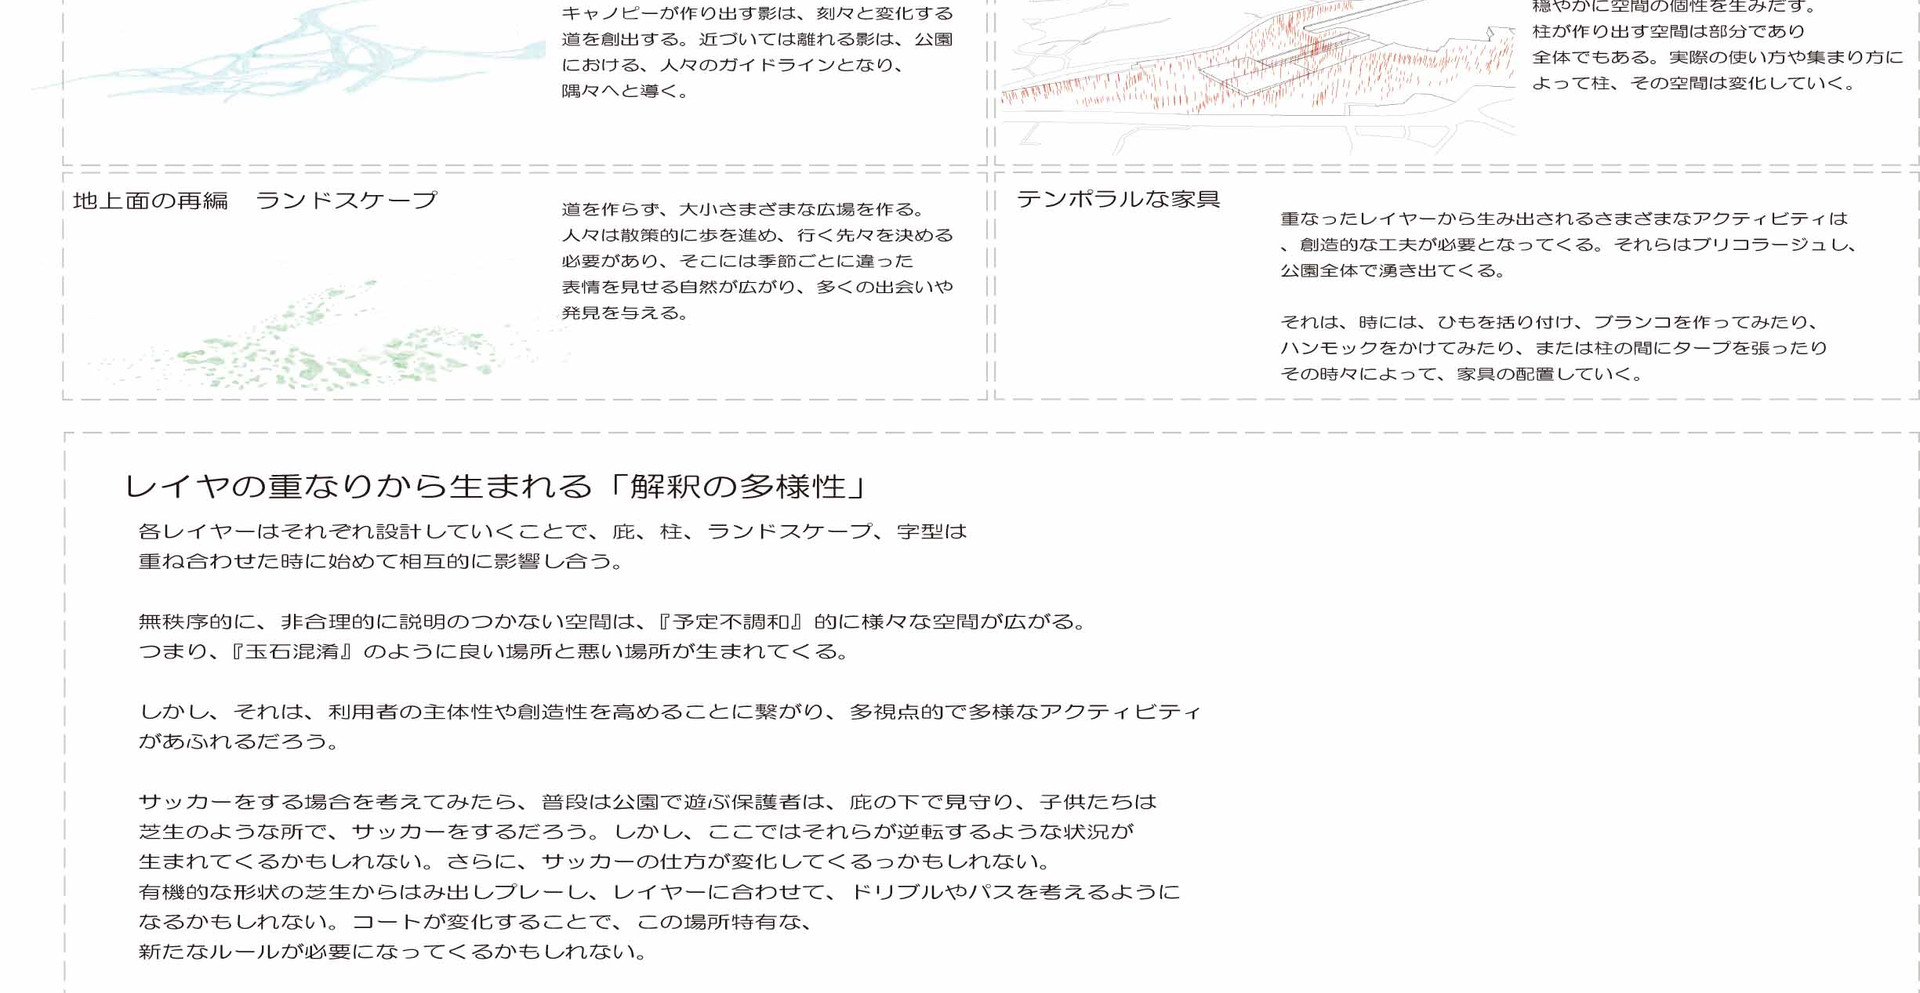 松崎優佑,06,jpg.jpg